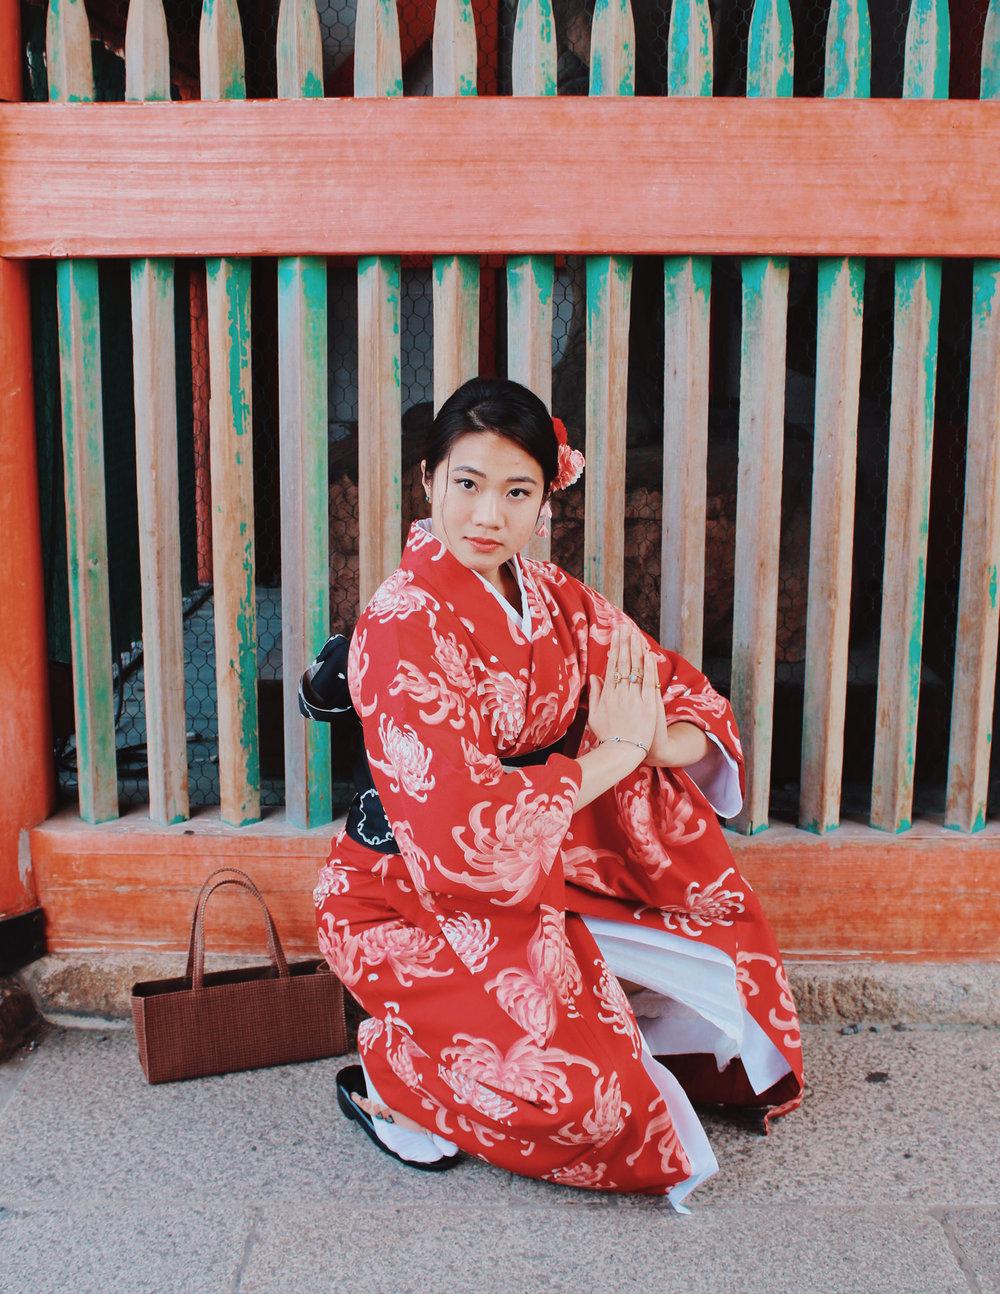 kyoto-bl34534 copy.jpg